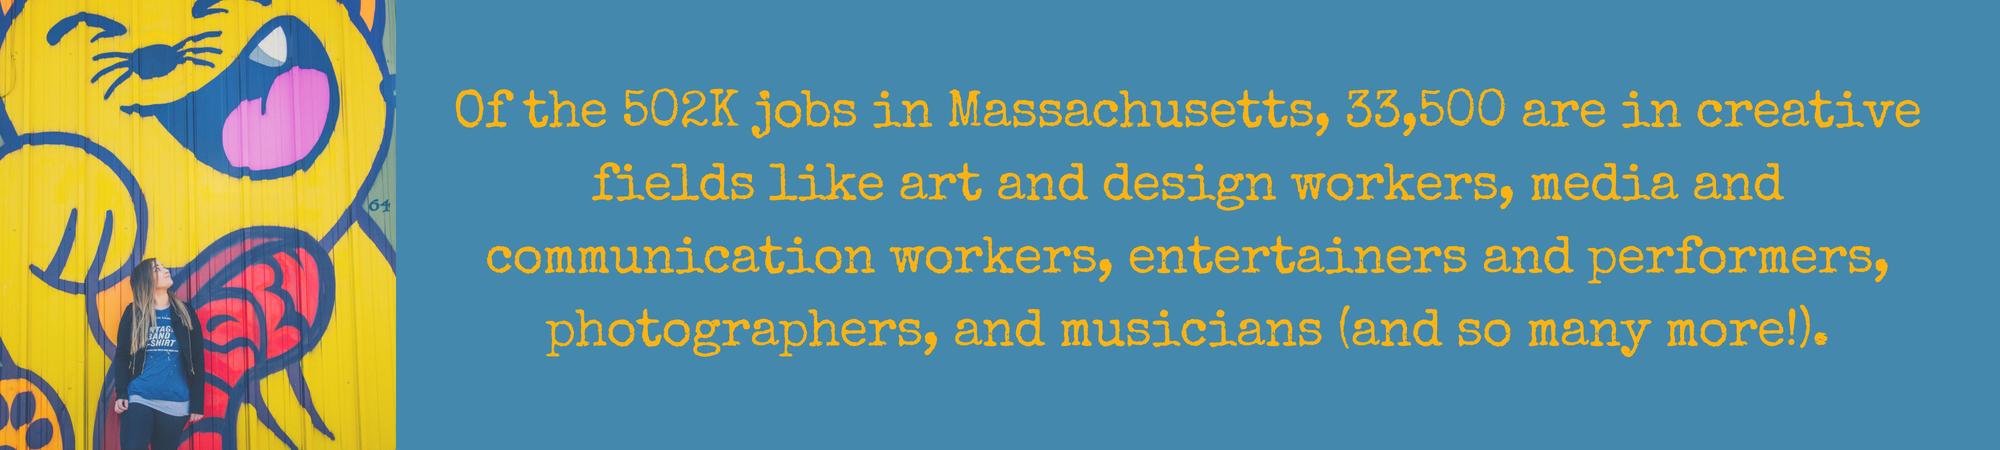 creative economy jobs.jpg